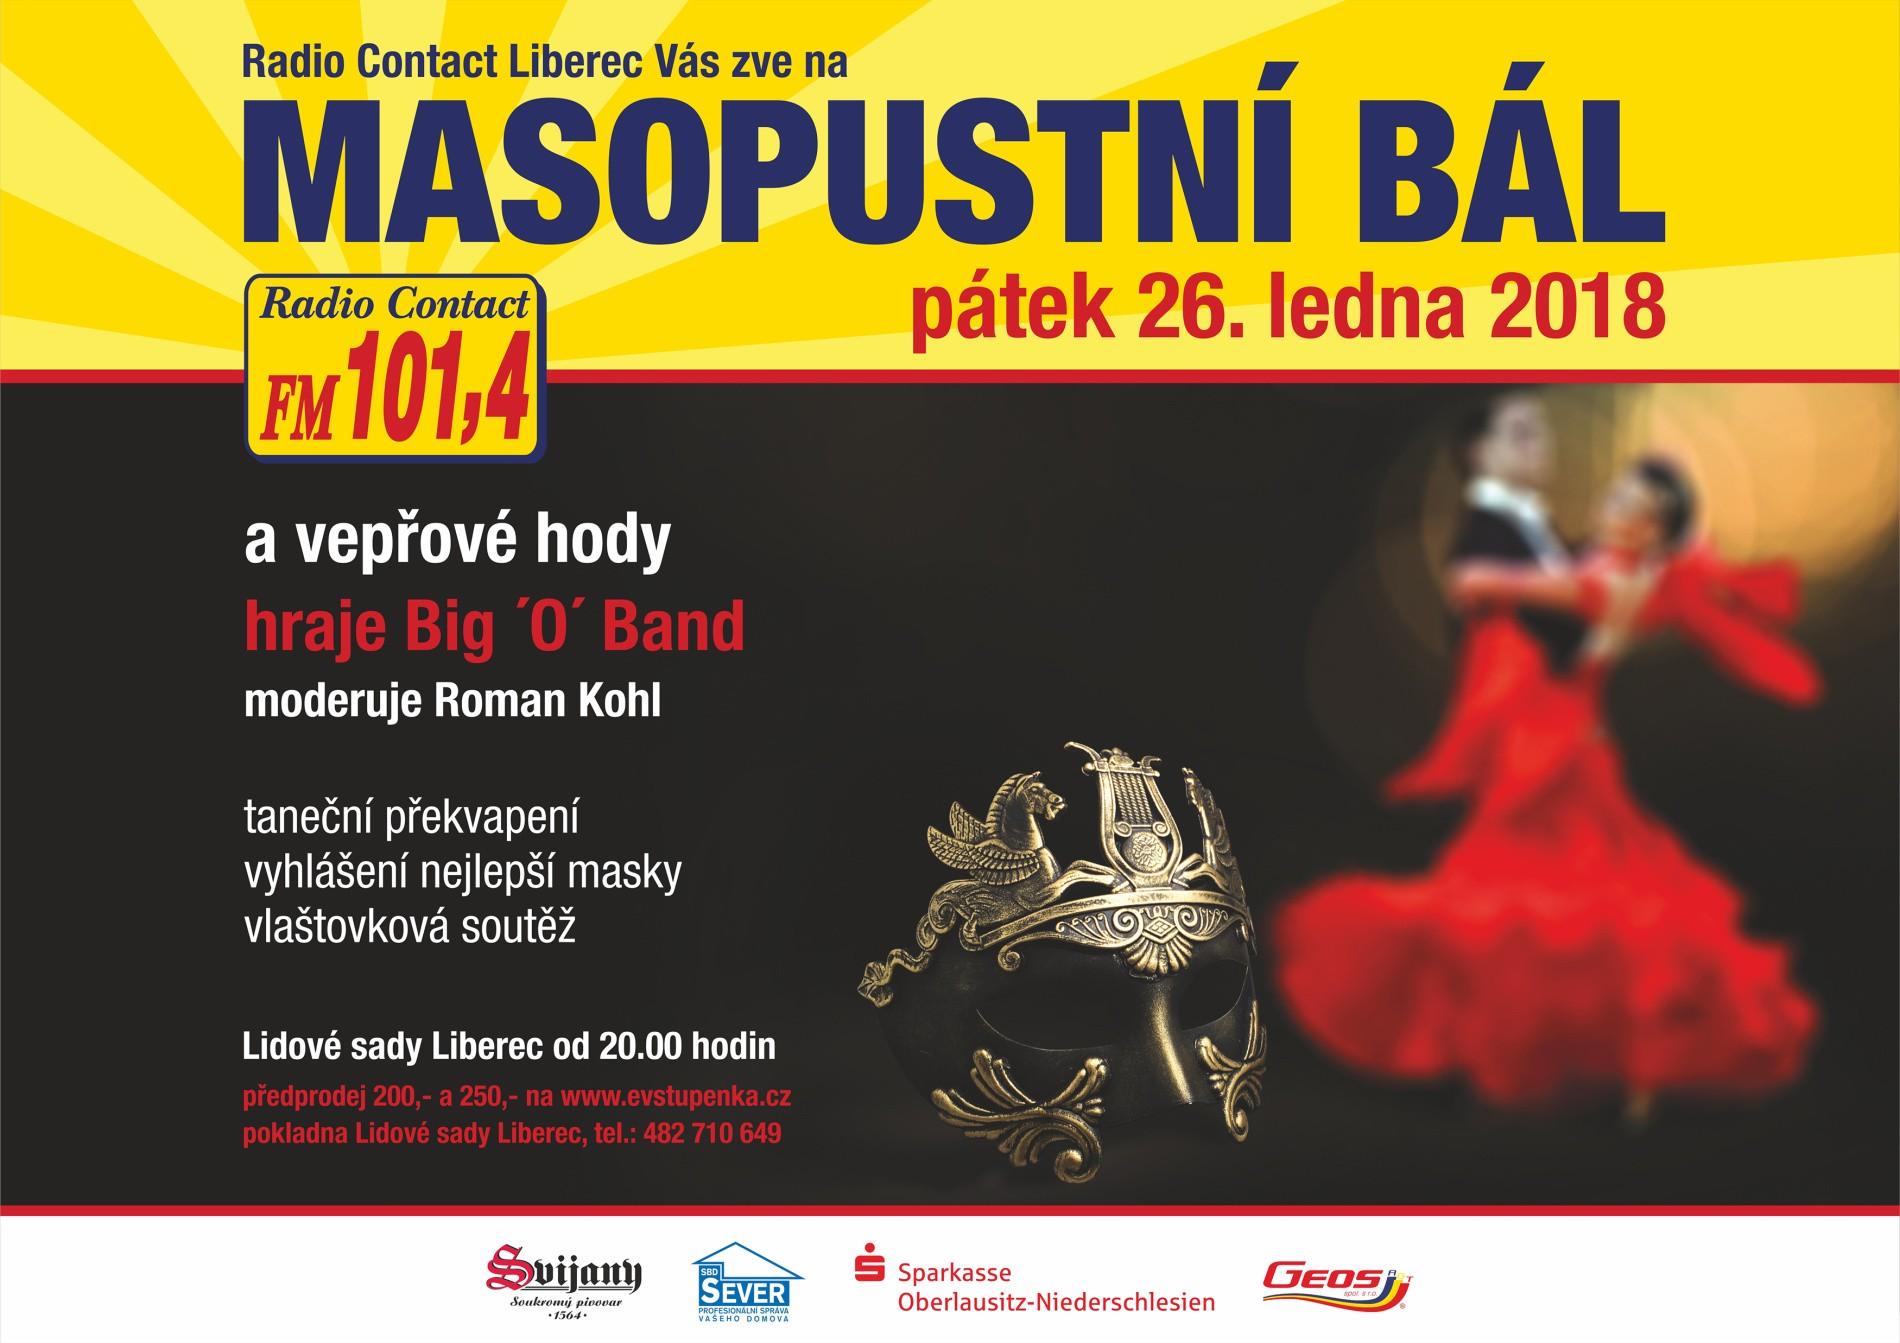 MASOPUSTNÍ BÁL RCL, Radio Contact Liberec uvádí: